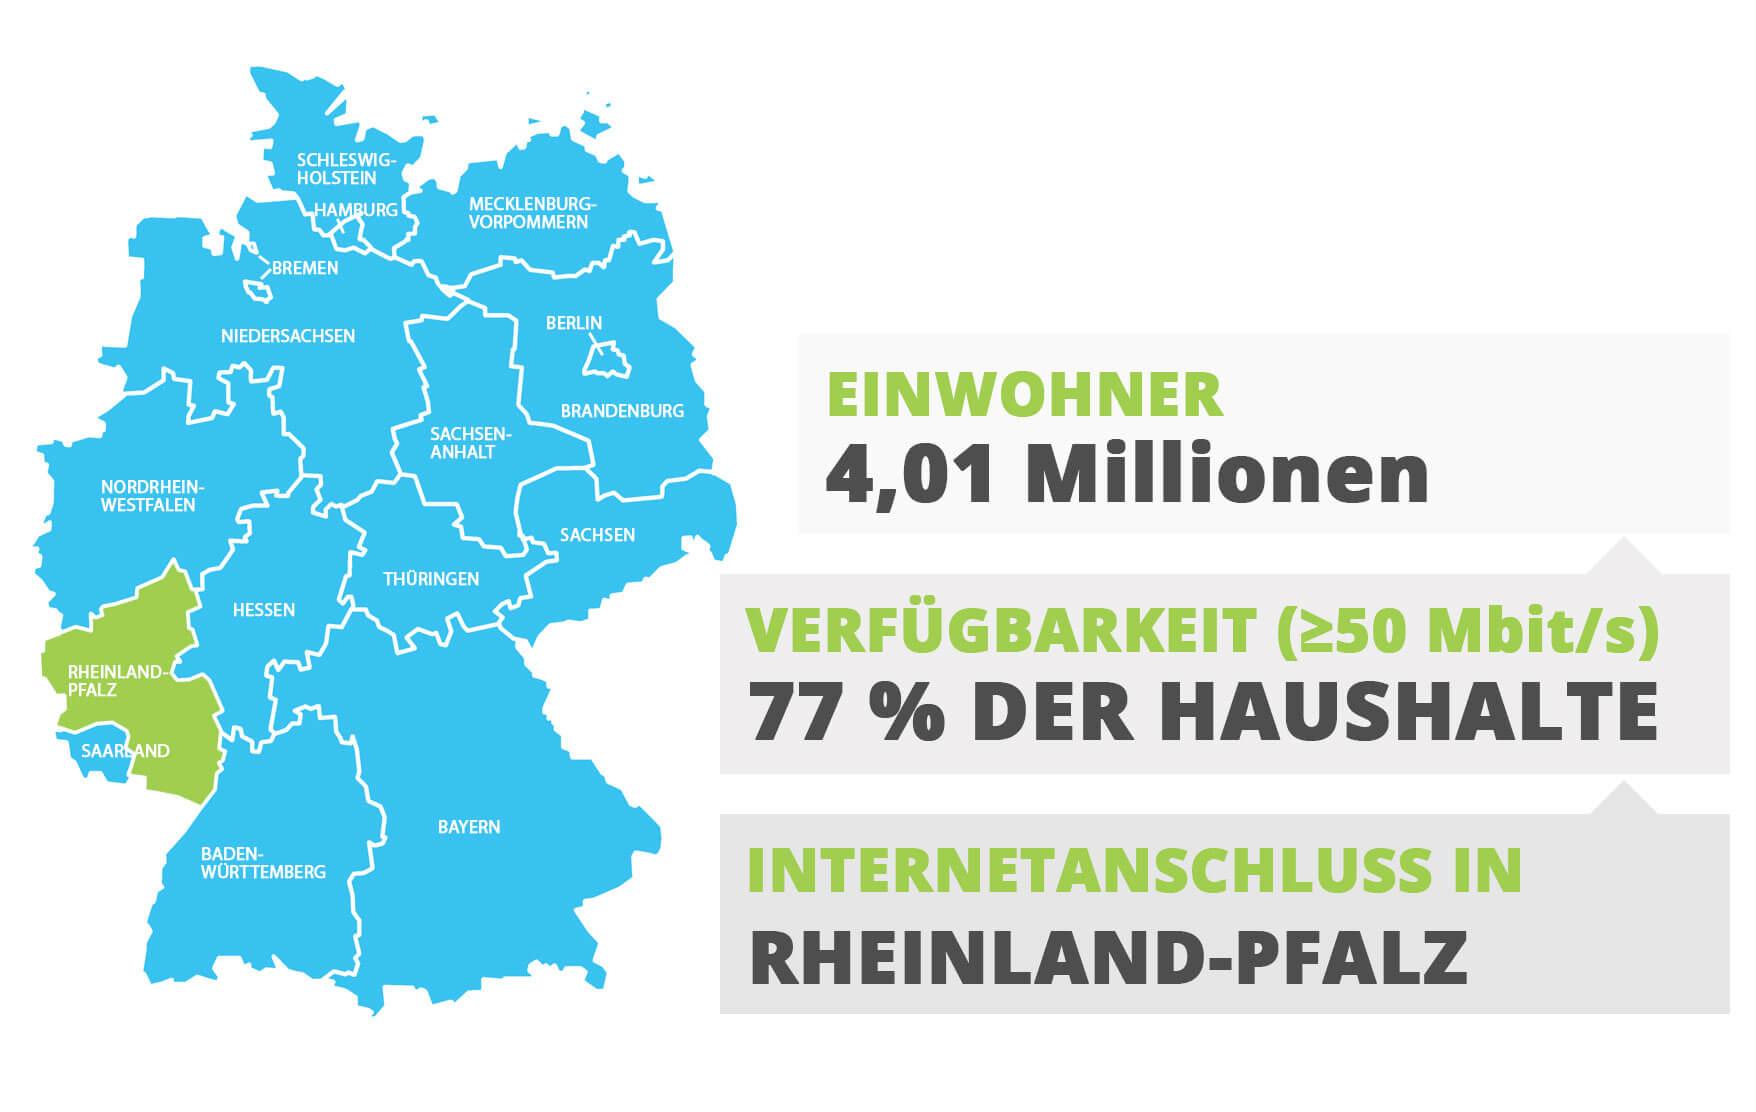 Internetanschluss in Rheinland-Pfalz